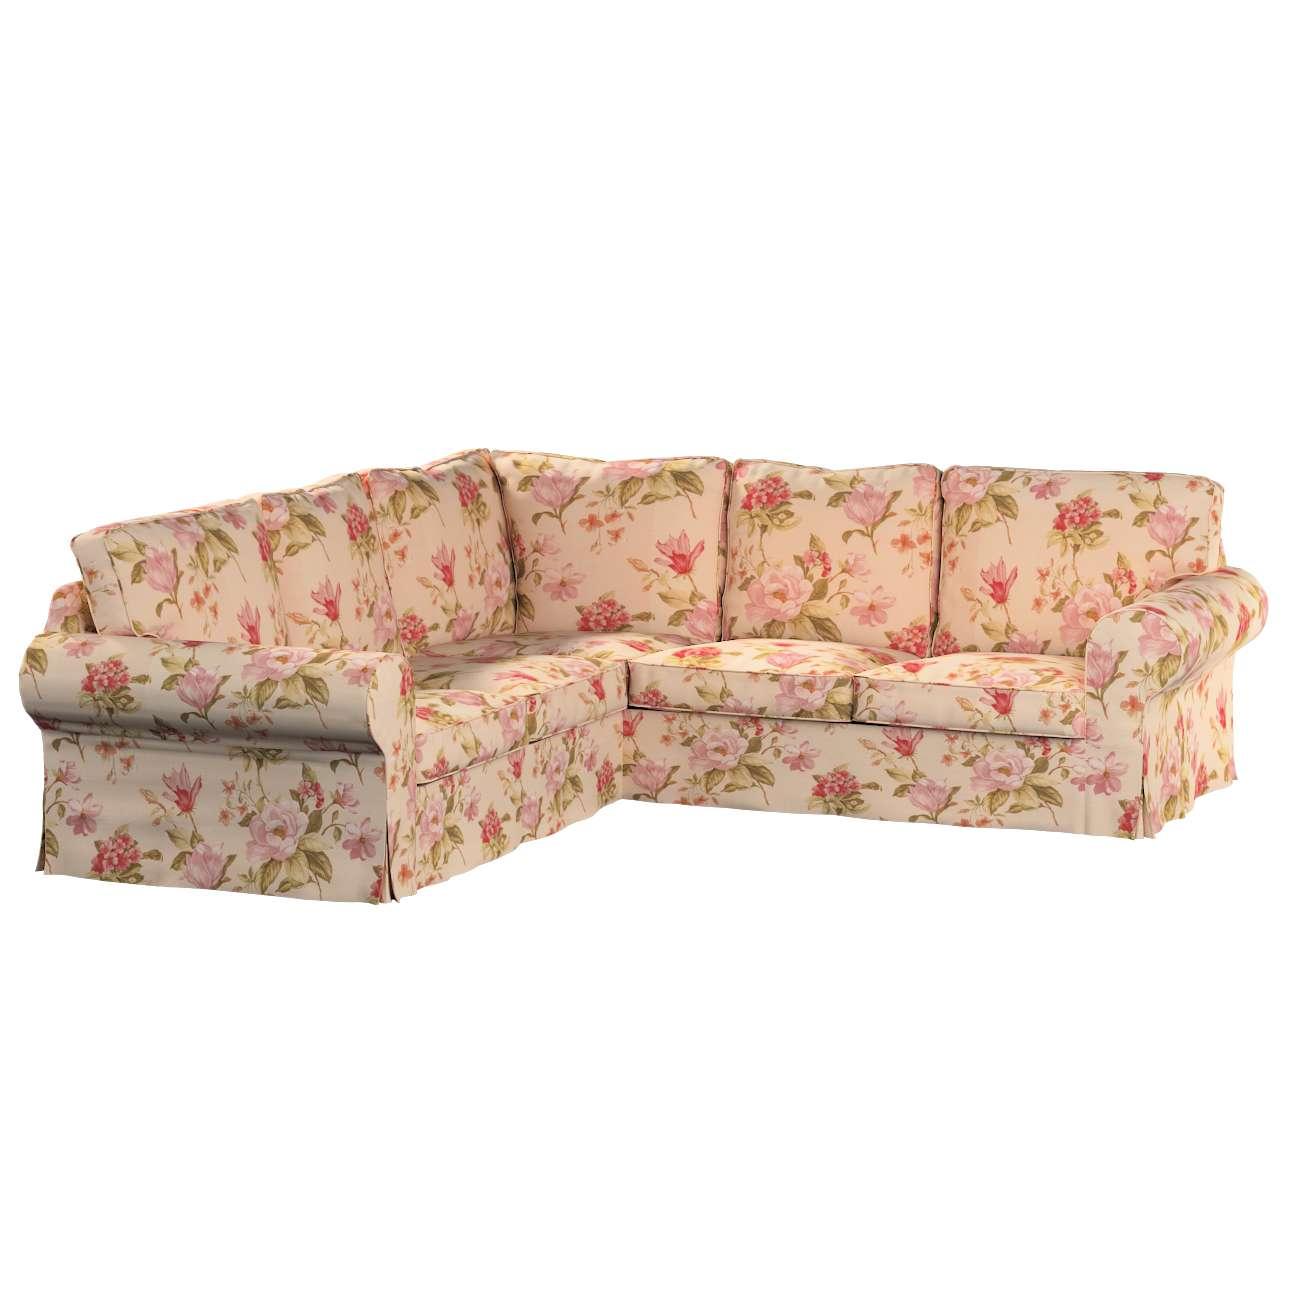 Pokrowiec Ektorp na sofę Sofa Ektorp narożna w kolekcji Londres, tkanina: 123-05